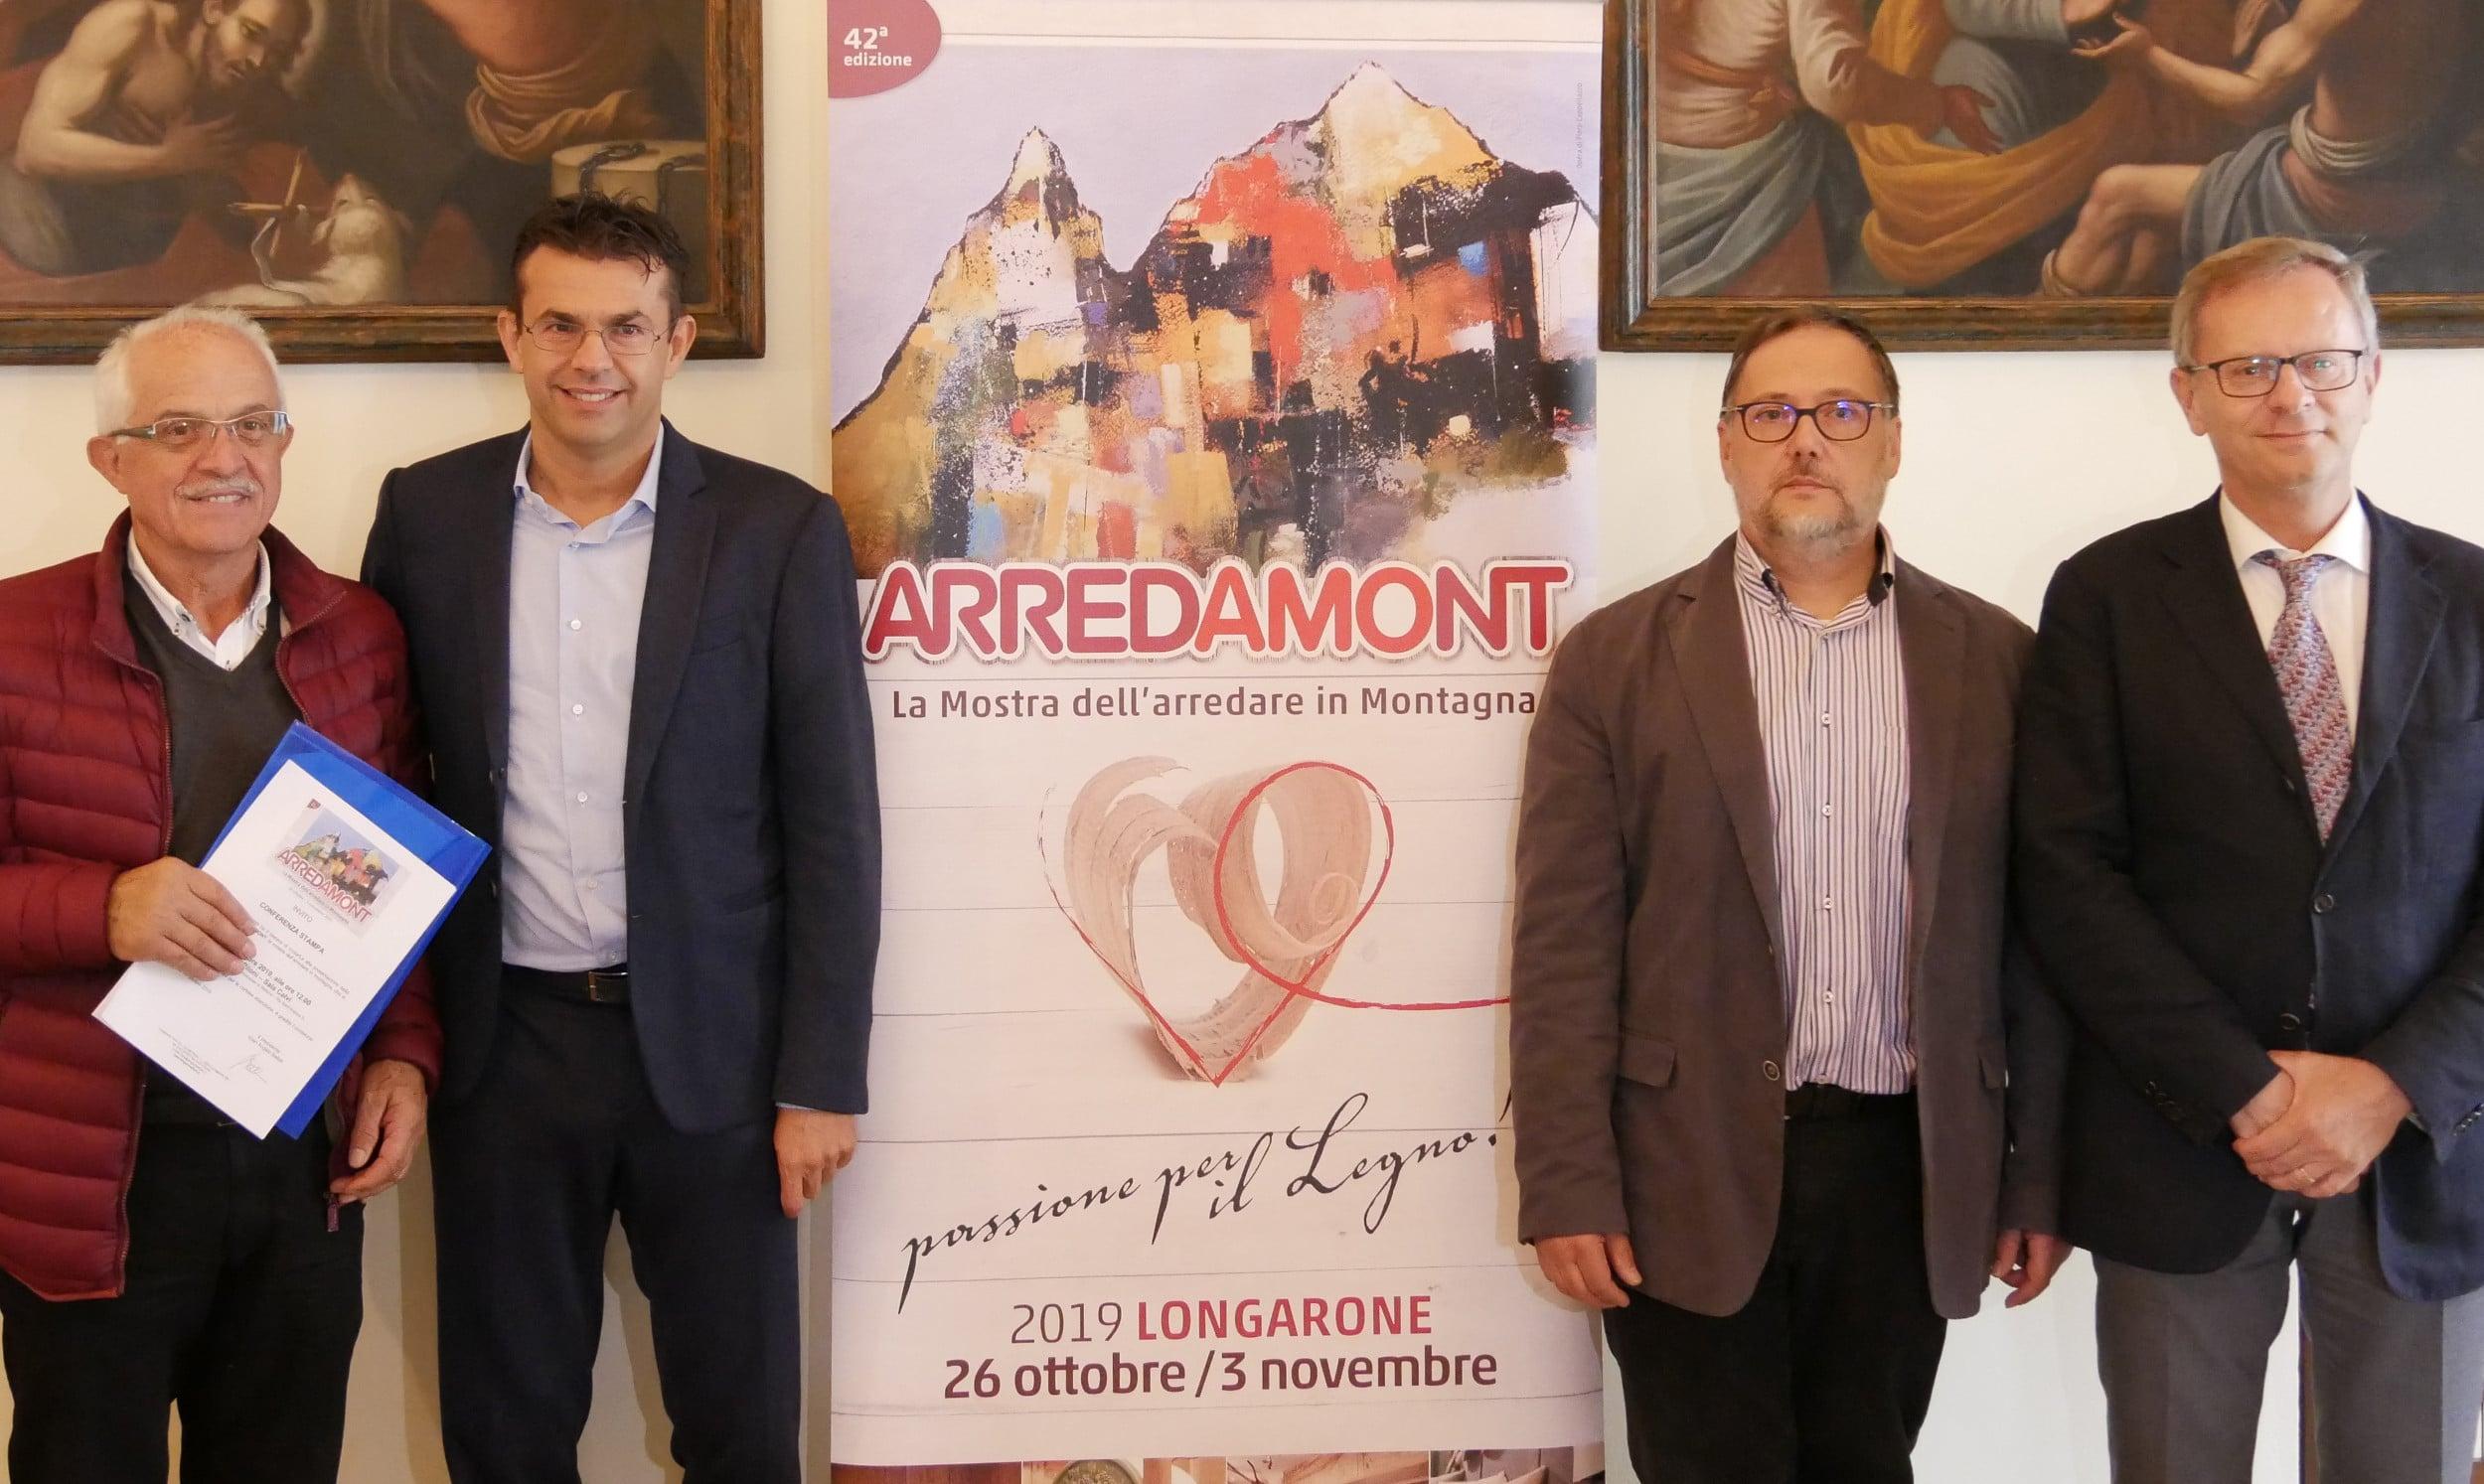 Presentazione 42a Arredamont - Palazzo Piloni